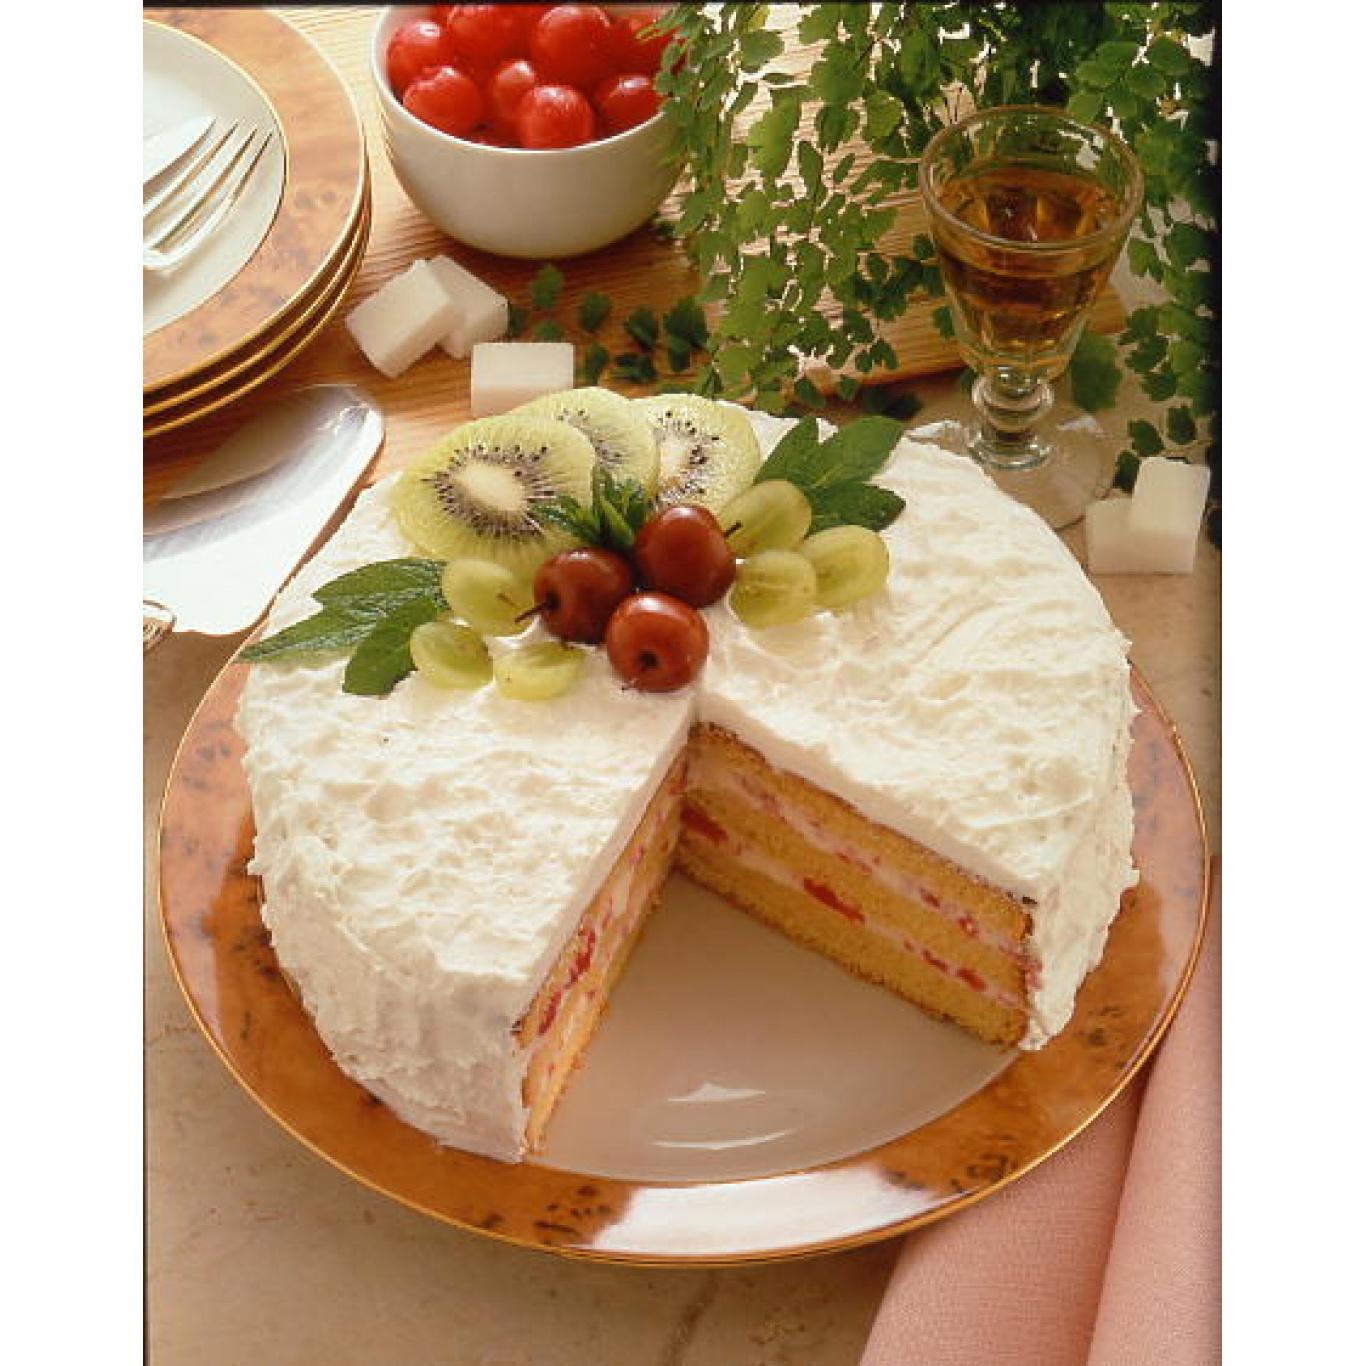 Silverwood Round Cake Pan Loose Base 6ins/15cm